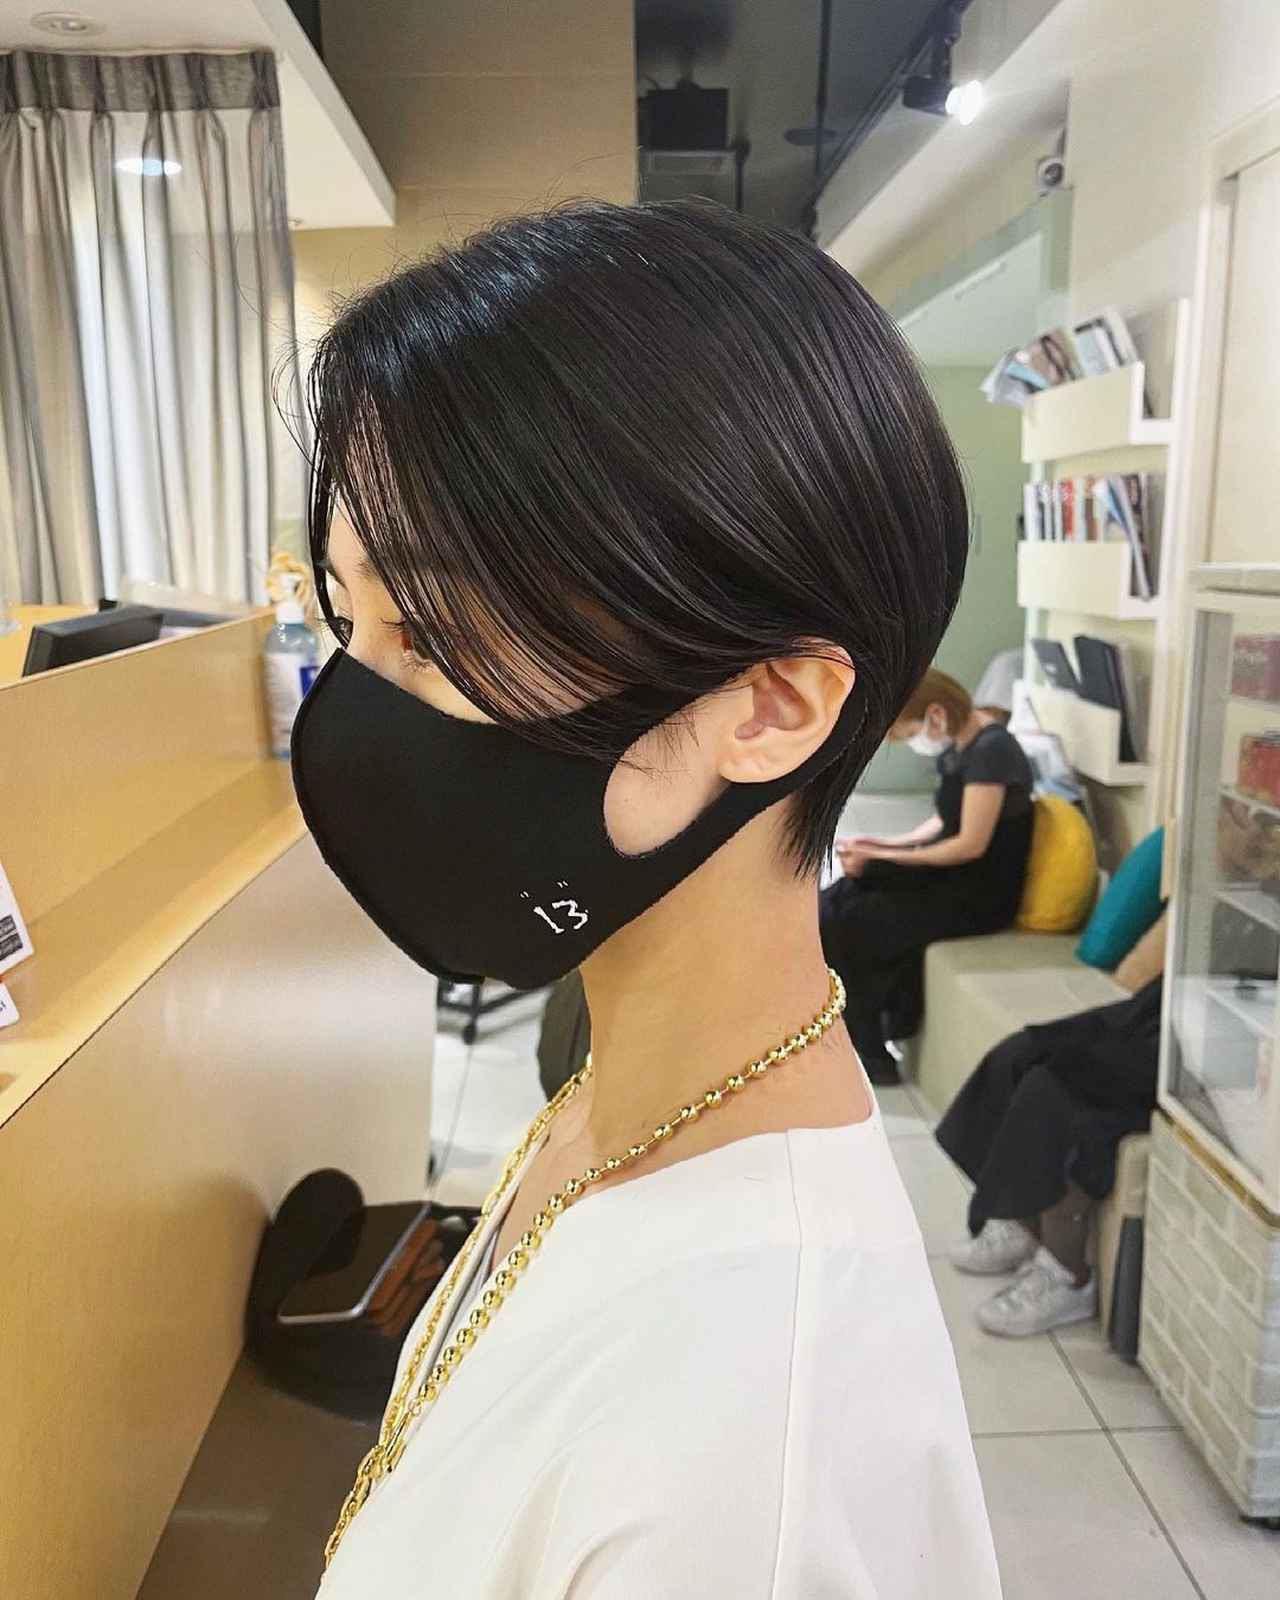 画像: ハンサムショートヘア 画像出典:instagram